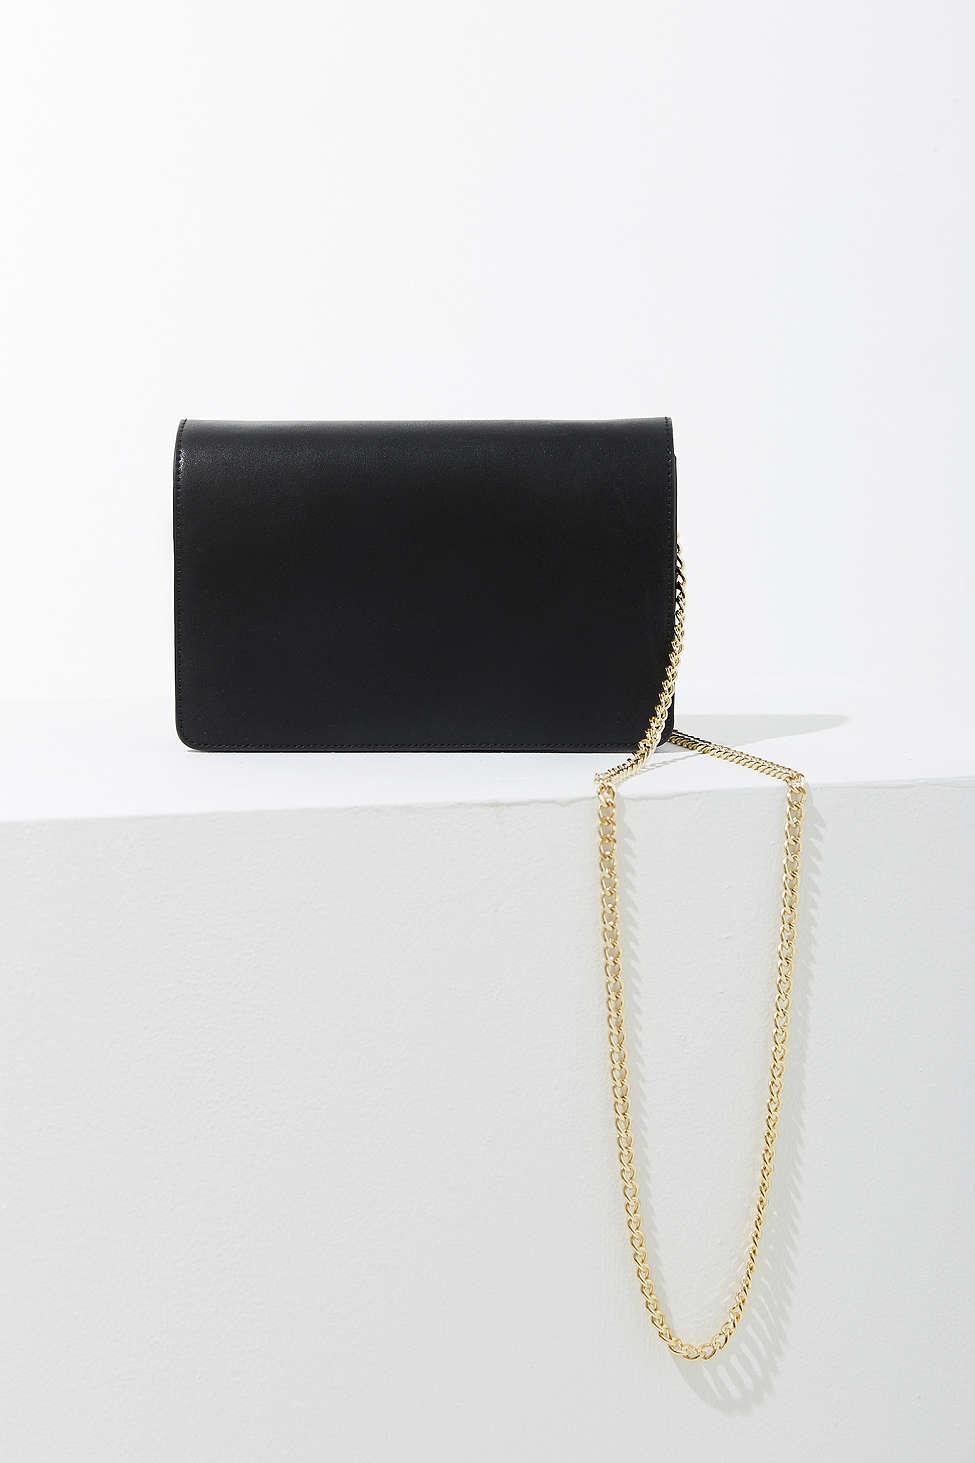 Lyst - Silence + Noise Jolene Chain Crossbody Bag in Black 3bfe01b0a0d2d